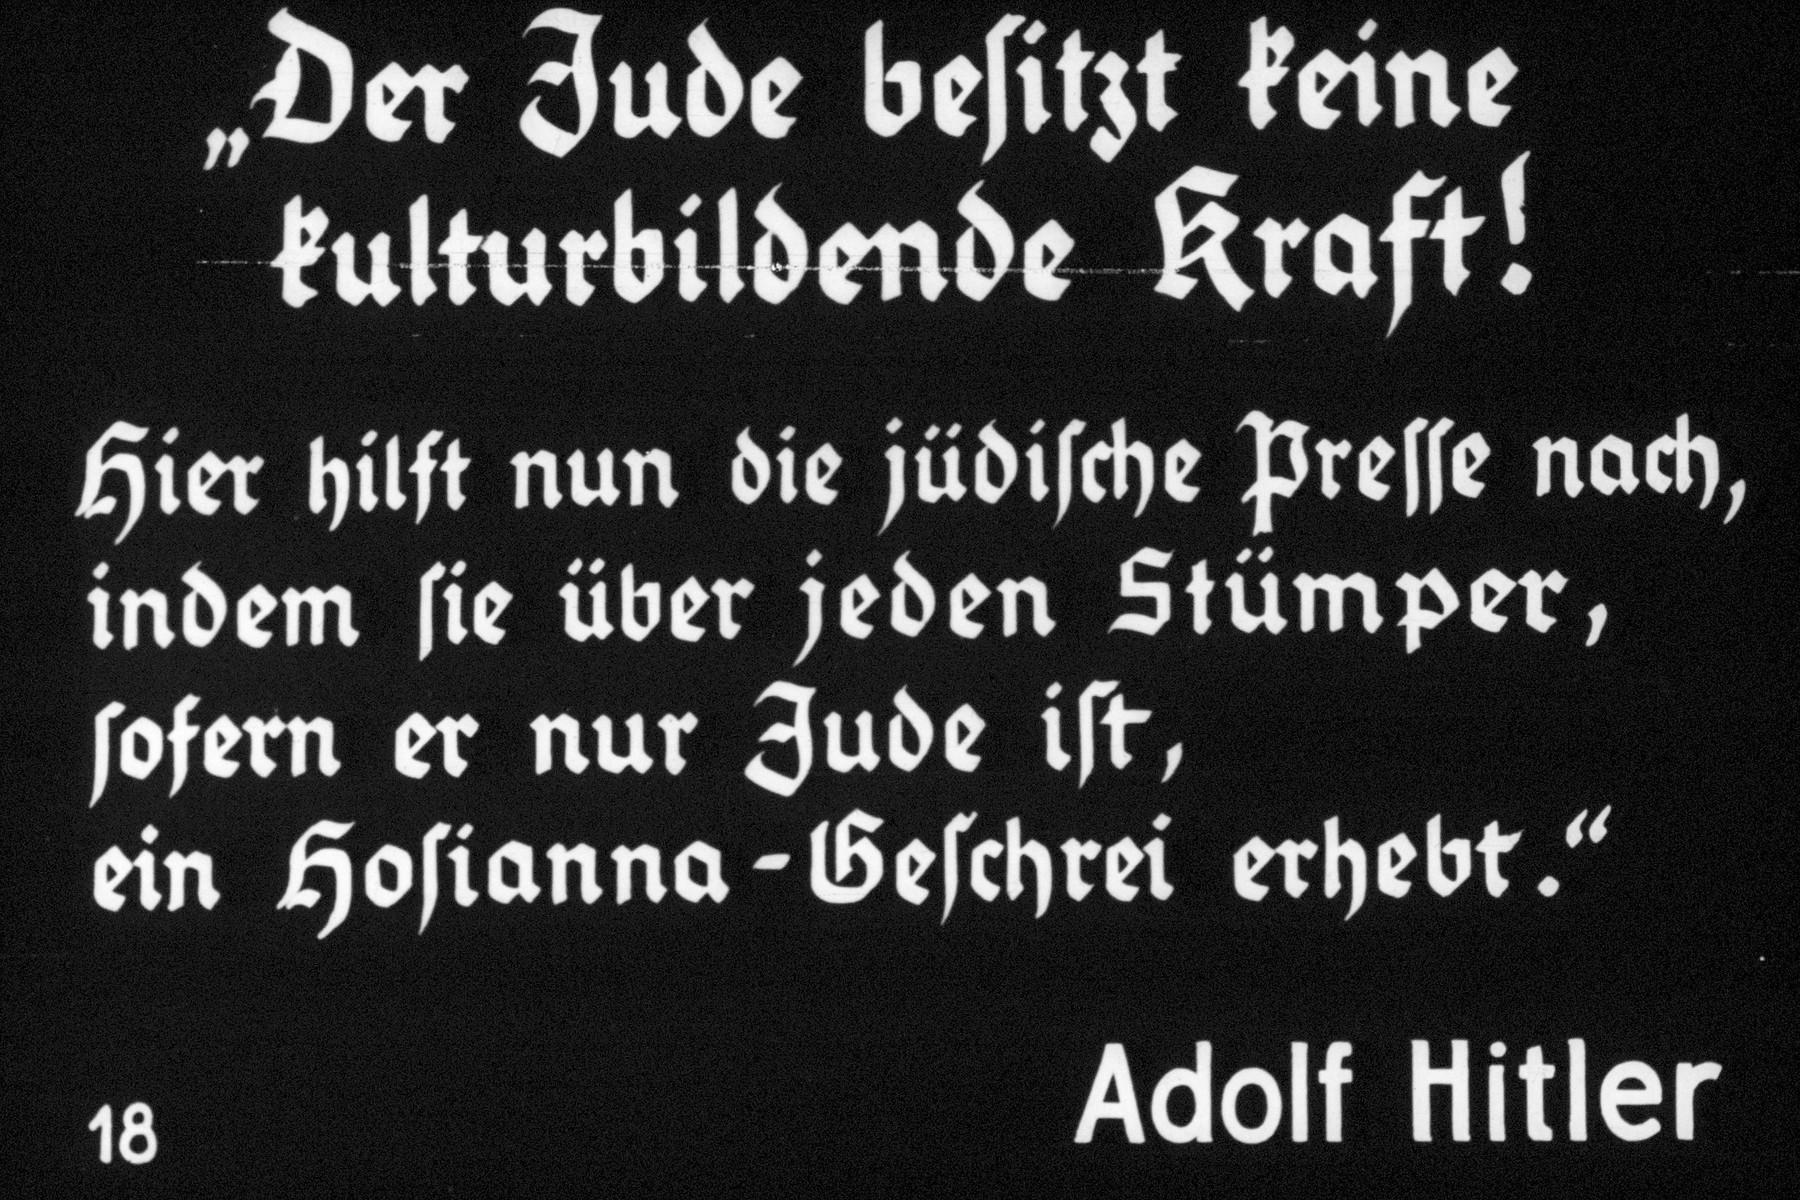 """18th Nazi propaganda slide of a Hitler Youth educational presentation entitled """"Germany Overcomes Jewry.""""  """"Der Jude besitzt keine kulturbildende Kraft!"""" Hier hilft nun die jüdische Presse nach, indem sie über jeden Stümper, sofern er nur Jude  ist ein Holianna-Geschrei erhebt."""" Adolf Hitler // """"The Jew has no culture-building power!"""" Here's help for the Jewish press; it shouts Hossana for every amateur bungler.""""  Adolf Hitler"""